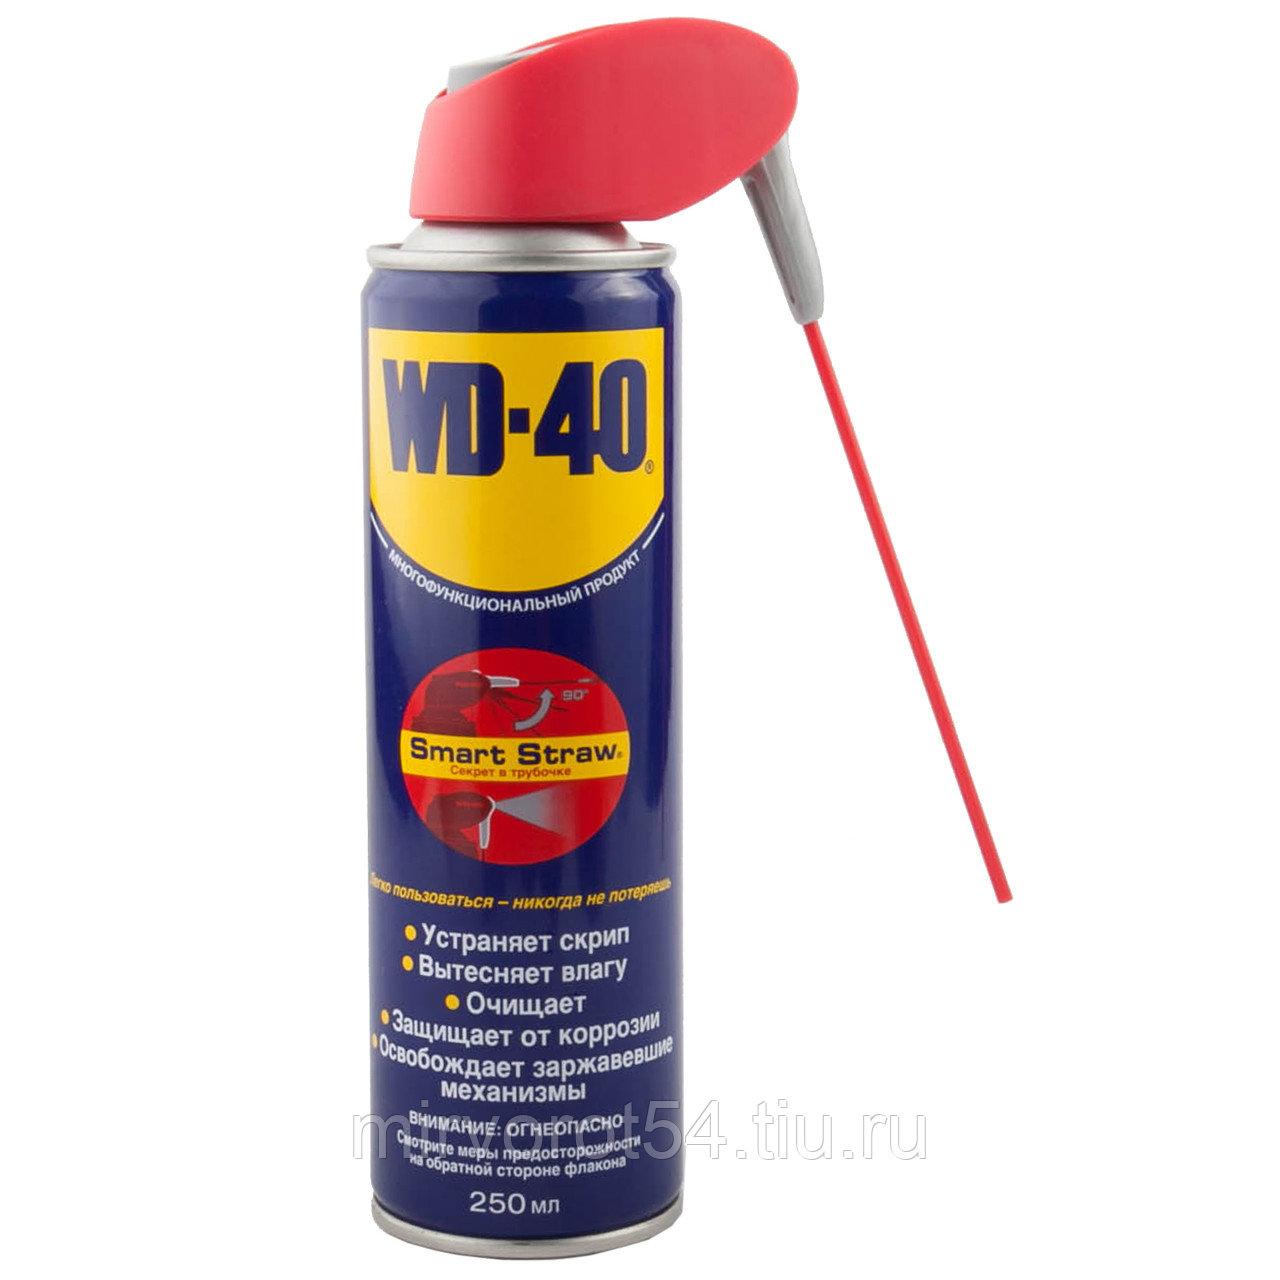 Wd-40: что это такое? применение в быту, в автомобиле - вд-40